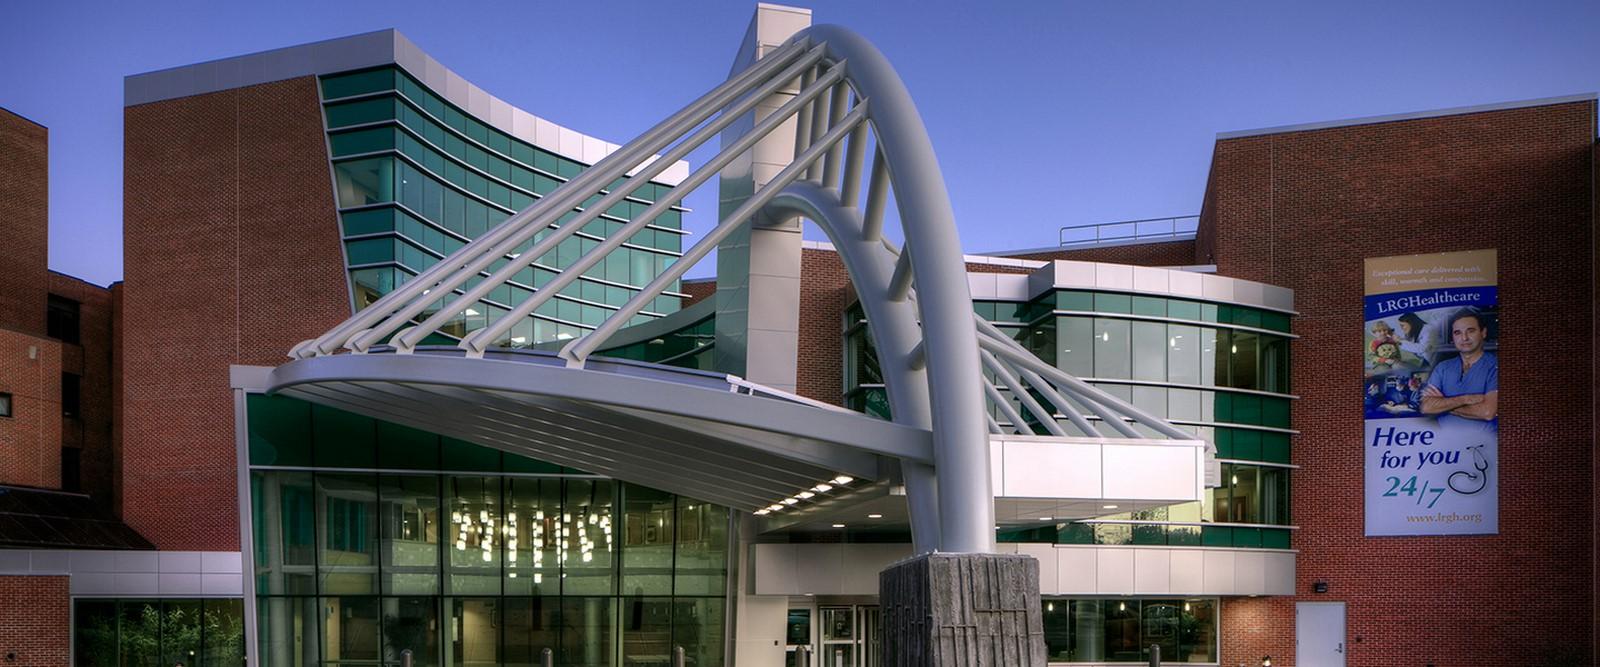 Architects in Buffalo - Top 45 Architects in Buffalo - Sheet28